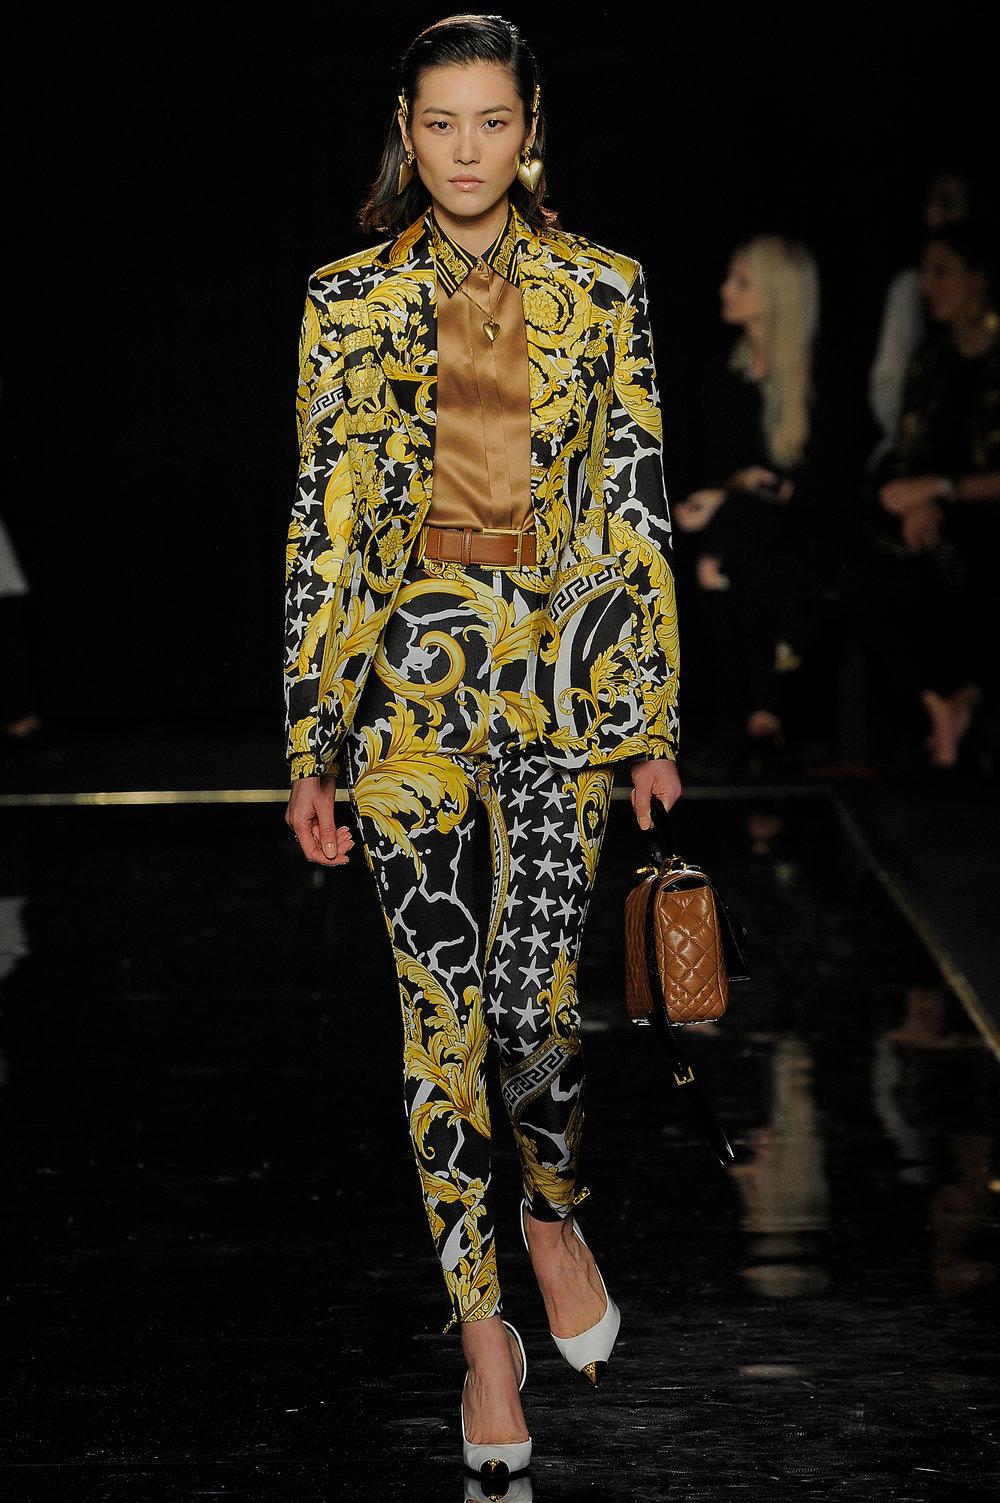 Versace_6_ff_versace_runway_runway_00006.jpg